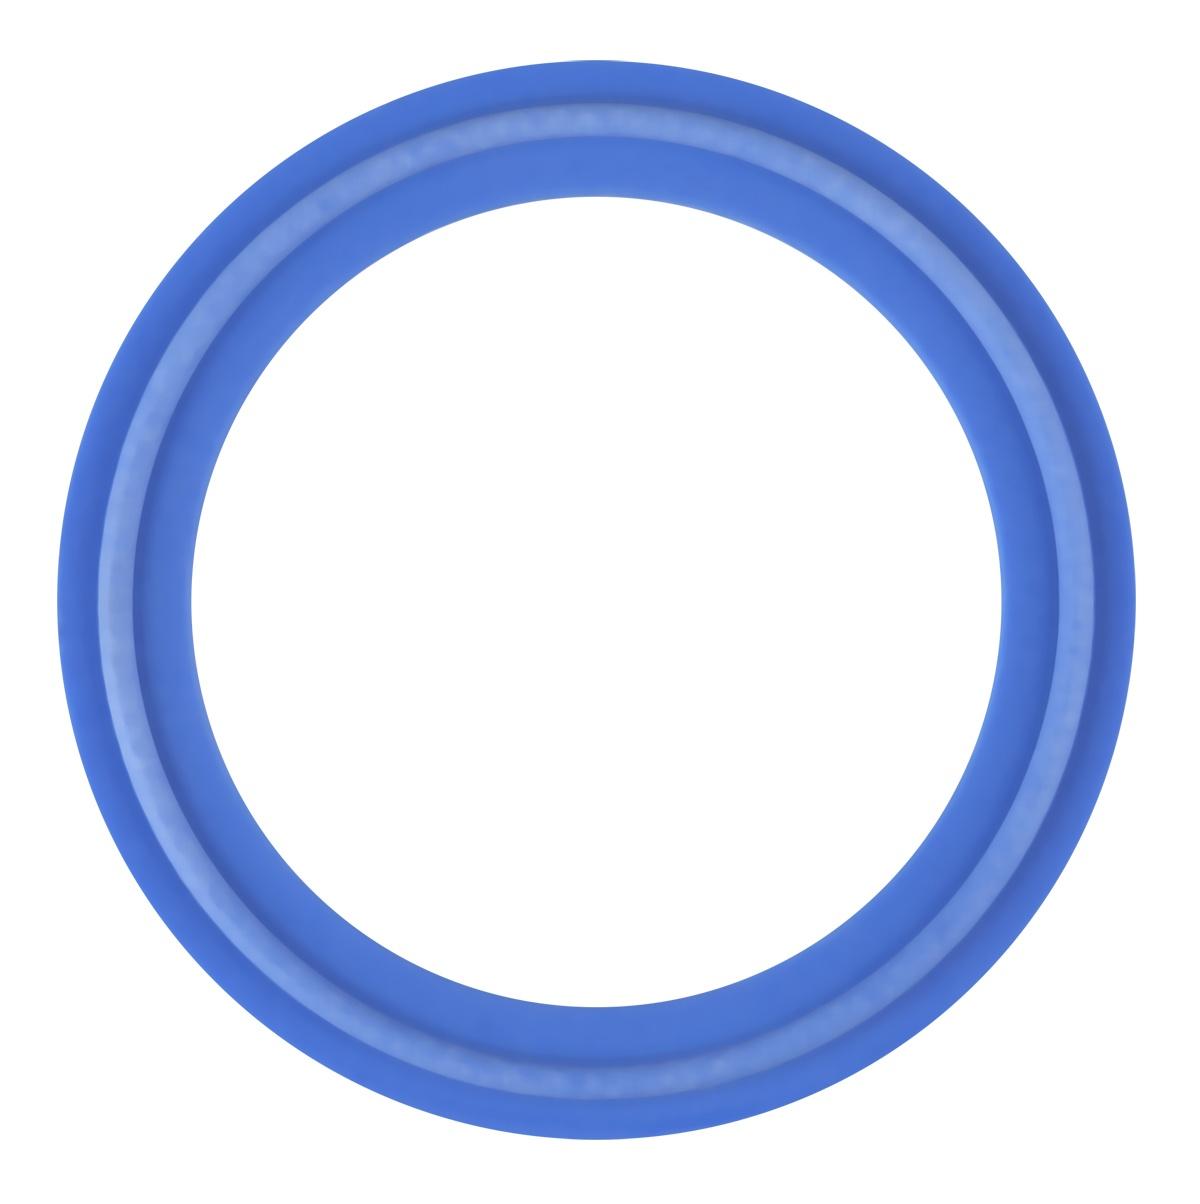 Blue PTFE